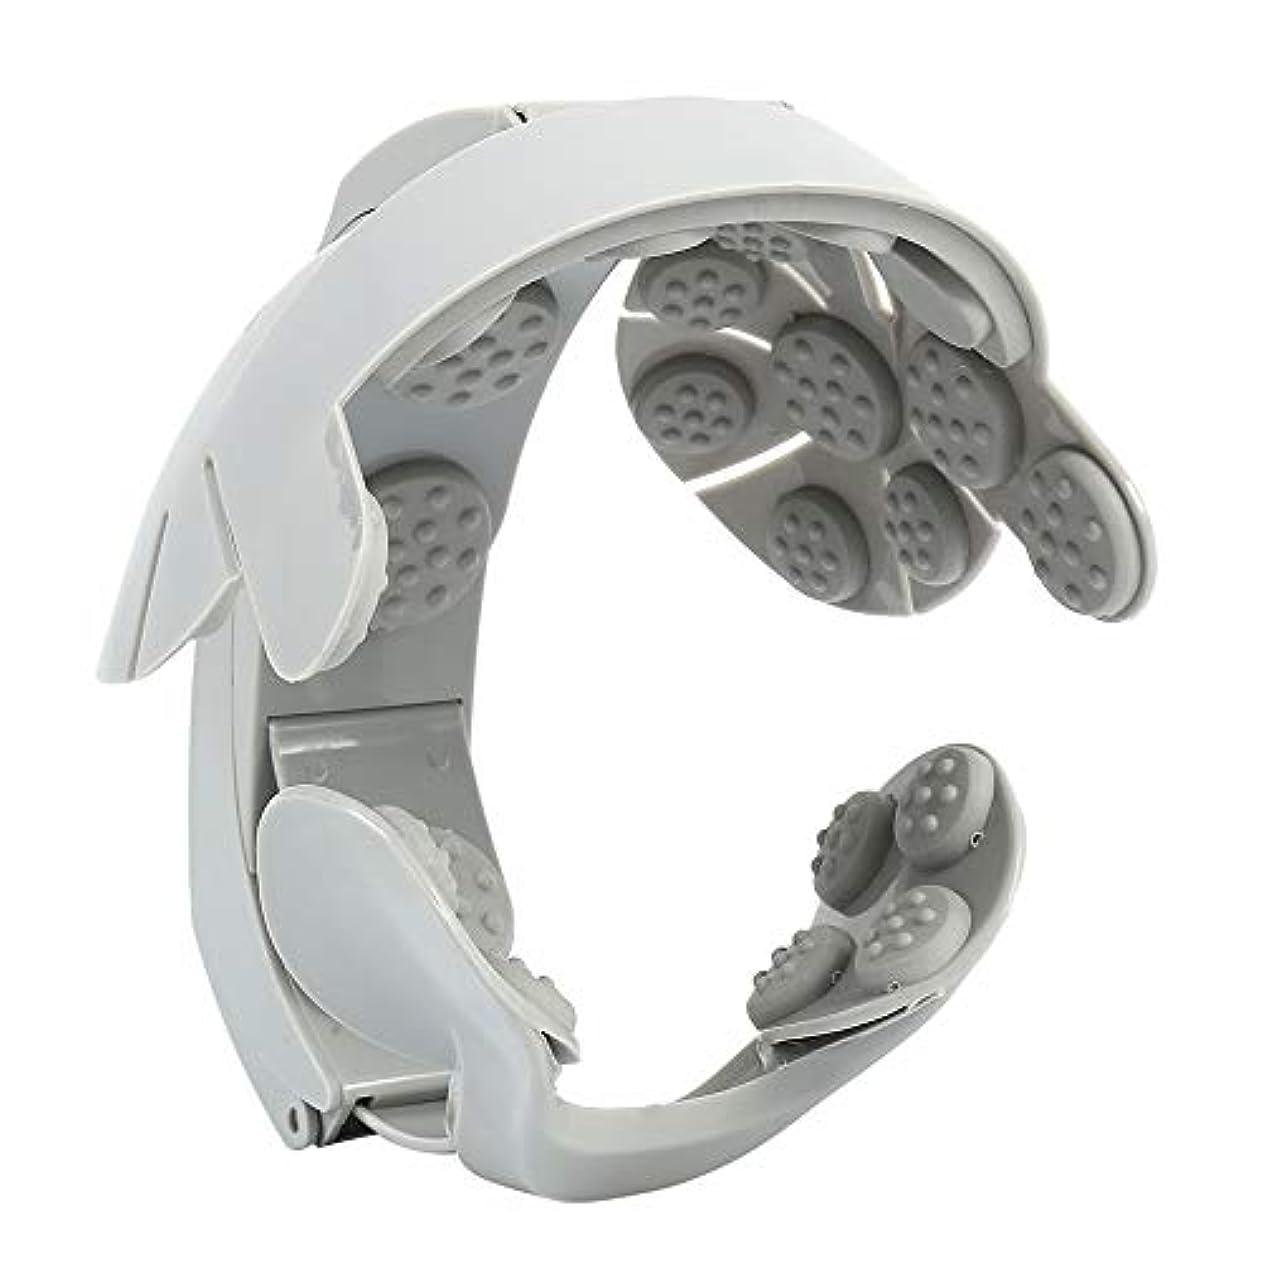 聴覚障害者器用近代化PandaCherry_JP ヘッドマッサージャー 電動 ヘッドマッサージ器 頭皮マッサージ器 頭皮ブラシ 抜け毛 ヘッドスパ USB充電式 ワイヤレス マッサージャー 人気 血行促進 頭皮ケア 疲れやストレス緩和